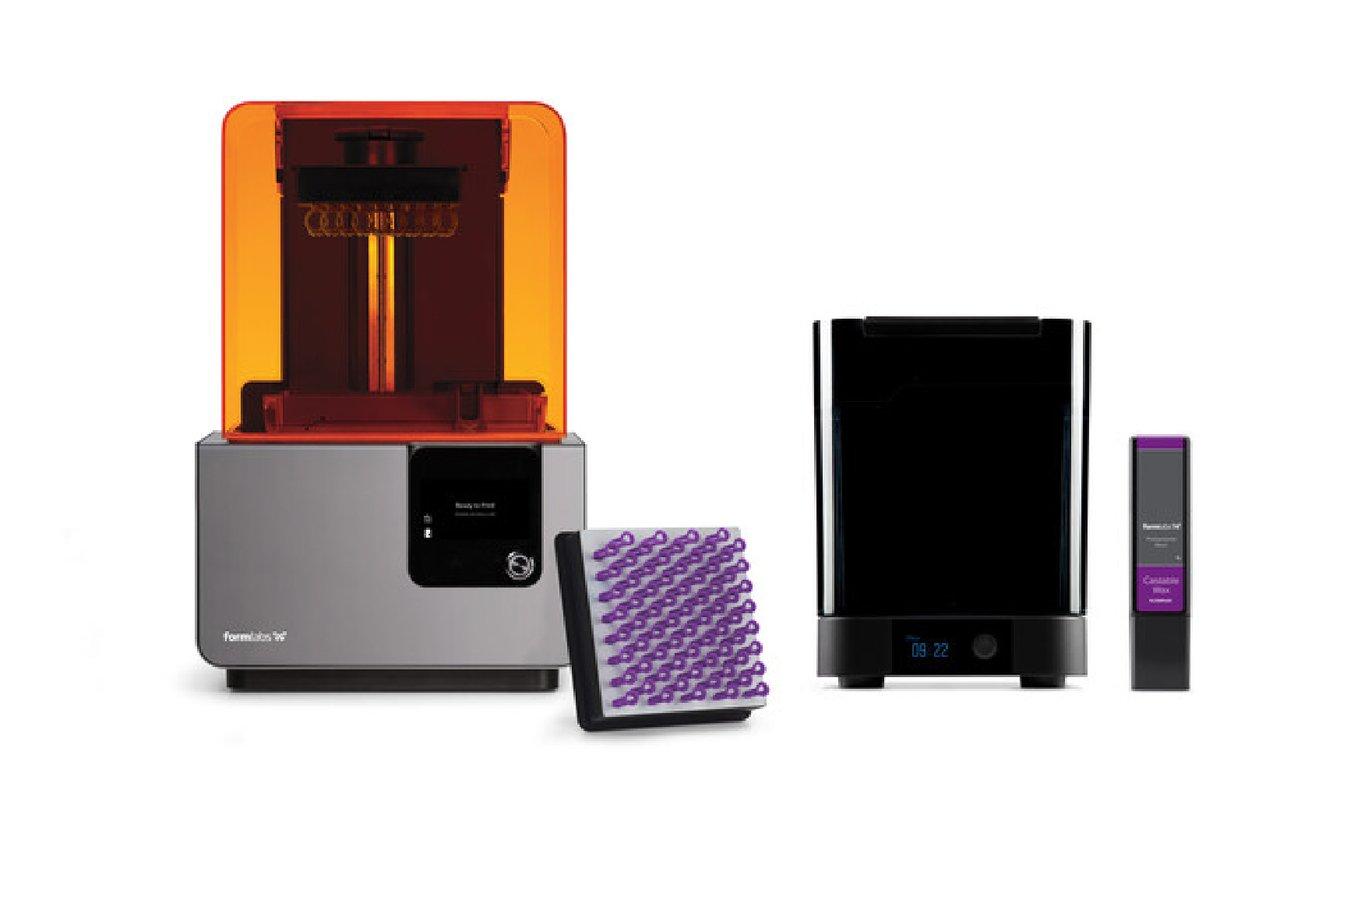 L'équipement complet pour l'impression 3D des moules de coulée imprimés en Castable Wax Resin : l'imprimante stéréolithographique Form 2, le poste de lavage automatisé Form Wash, une cartouche de Castable Wax Resin, une plateforme de fabrication.